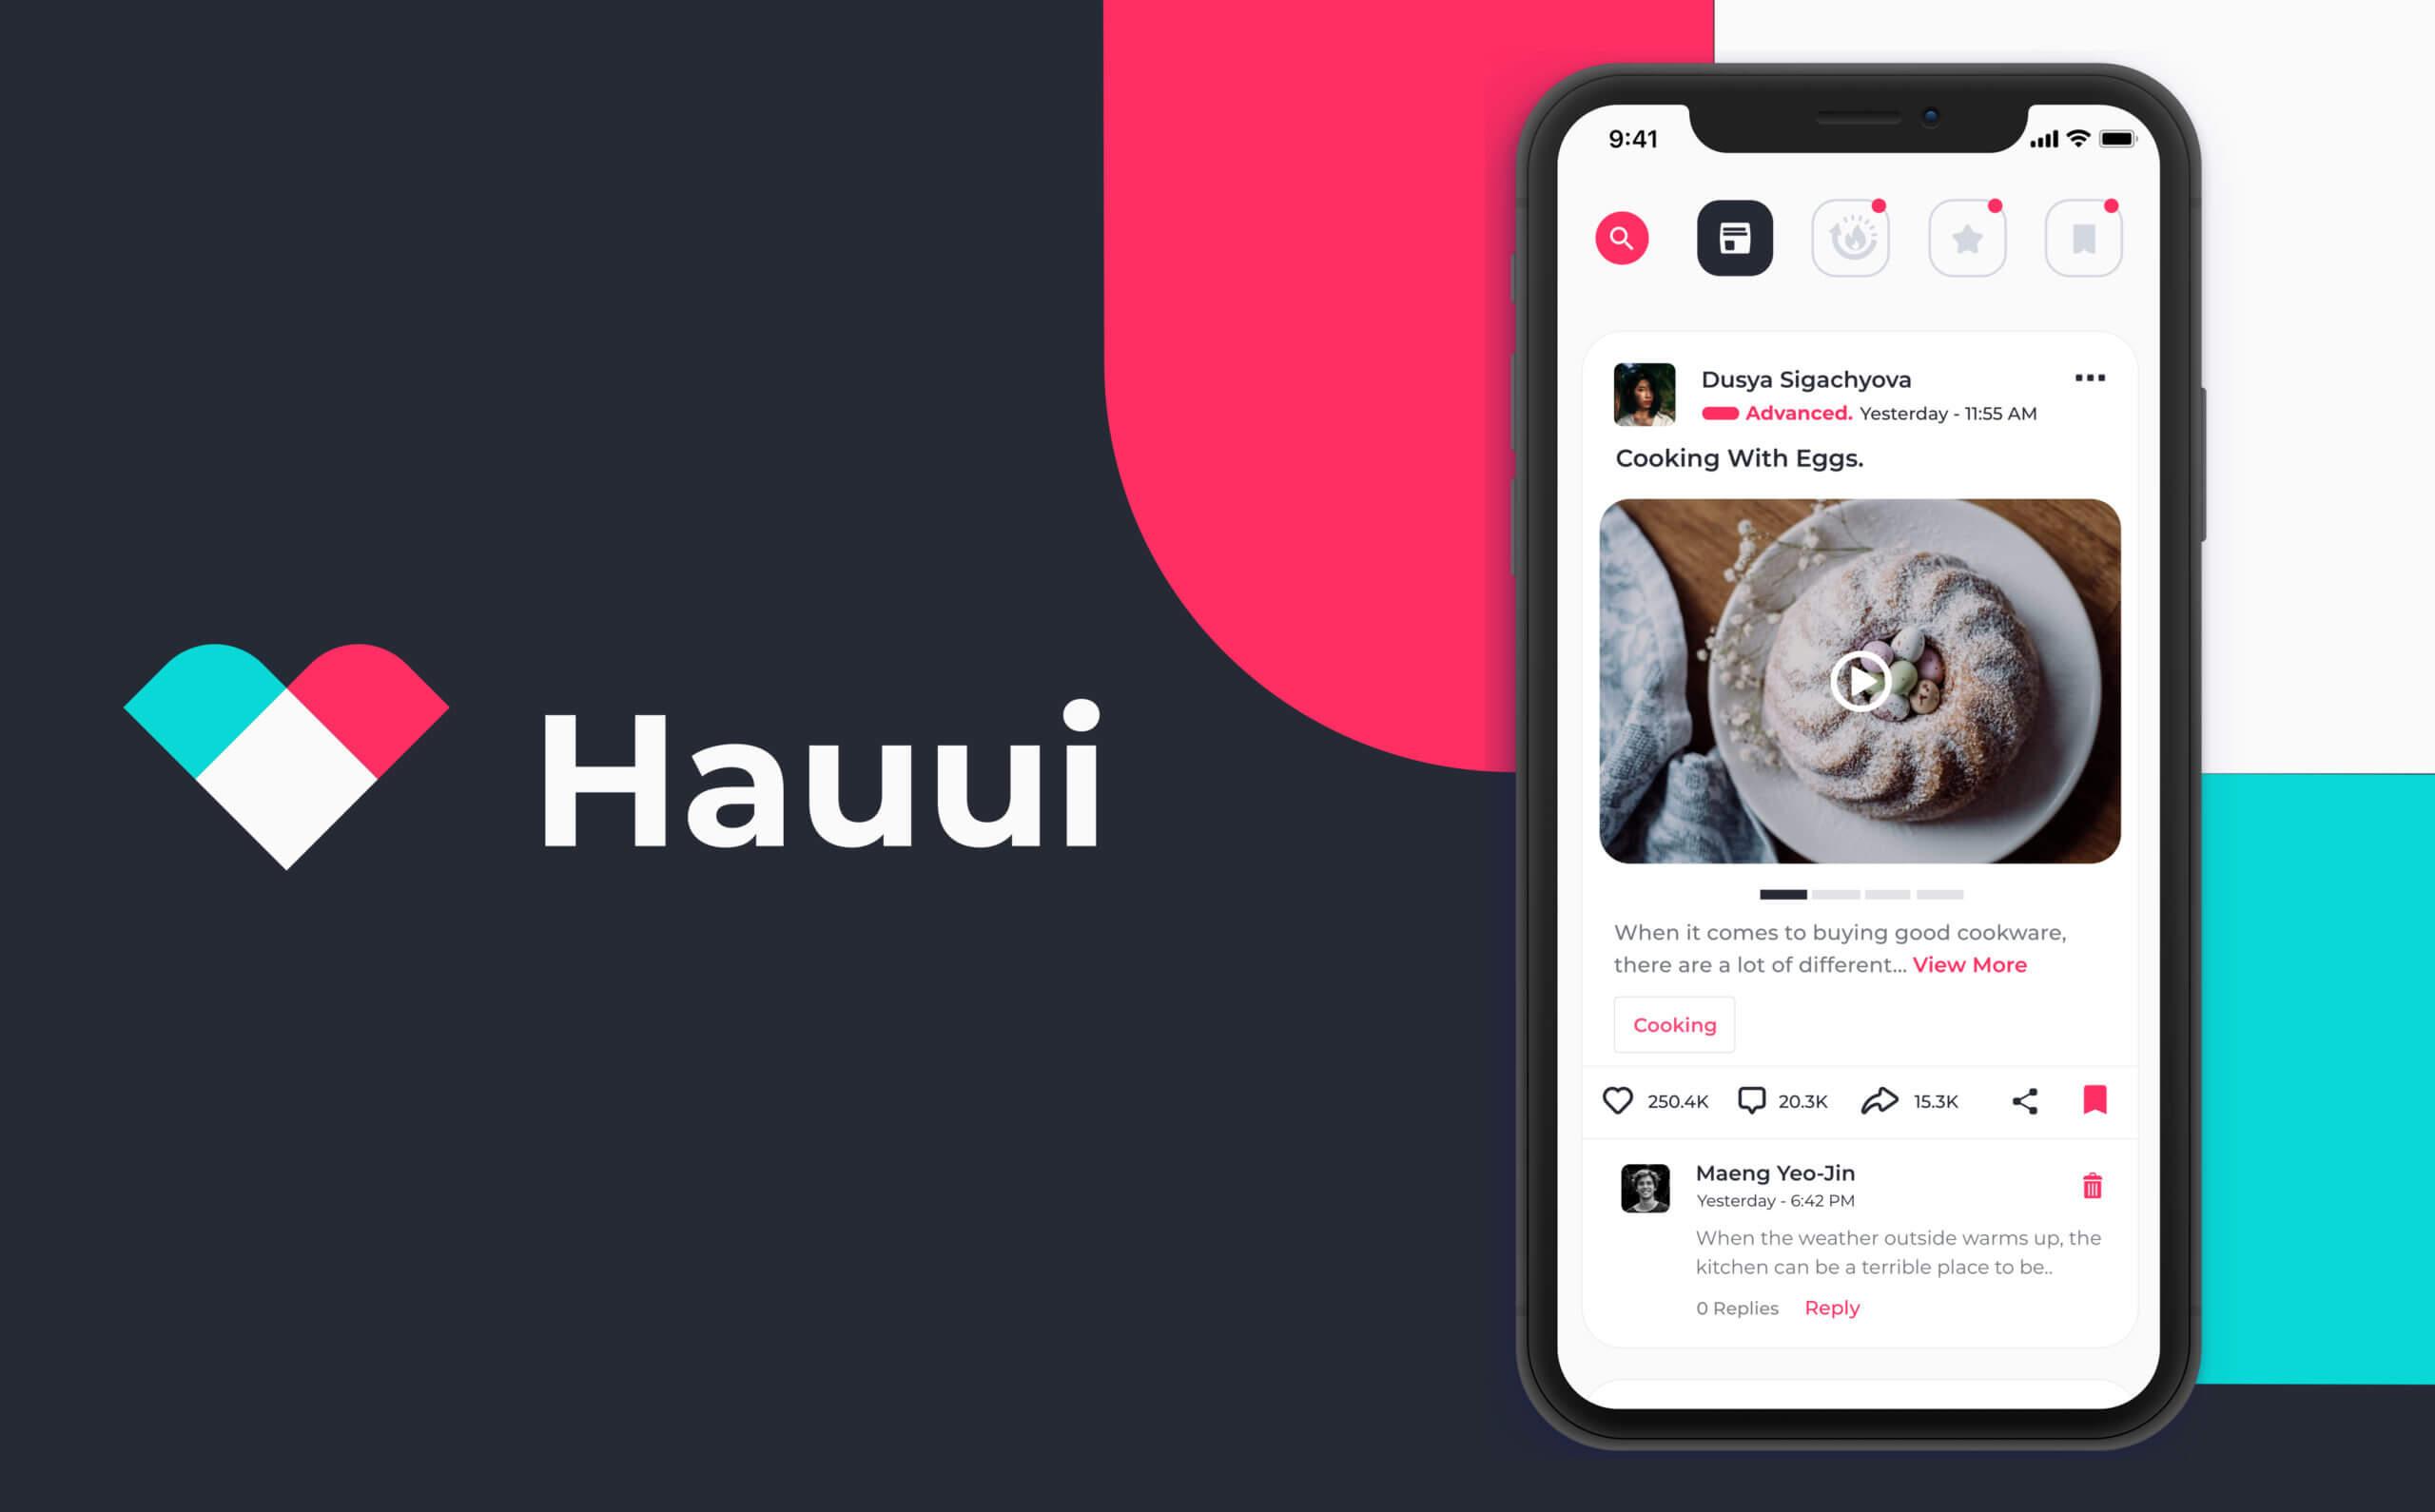 Hauui featured image